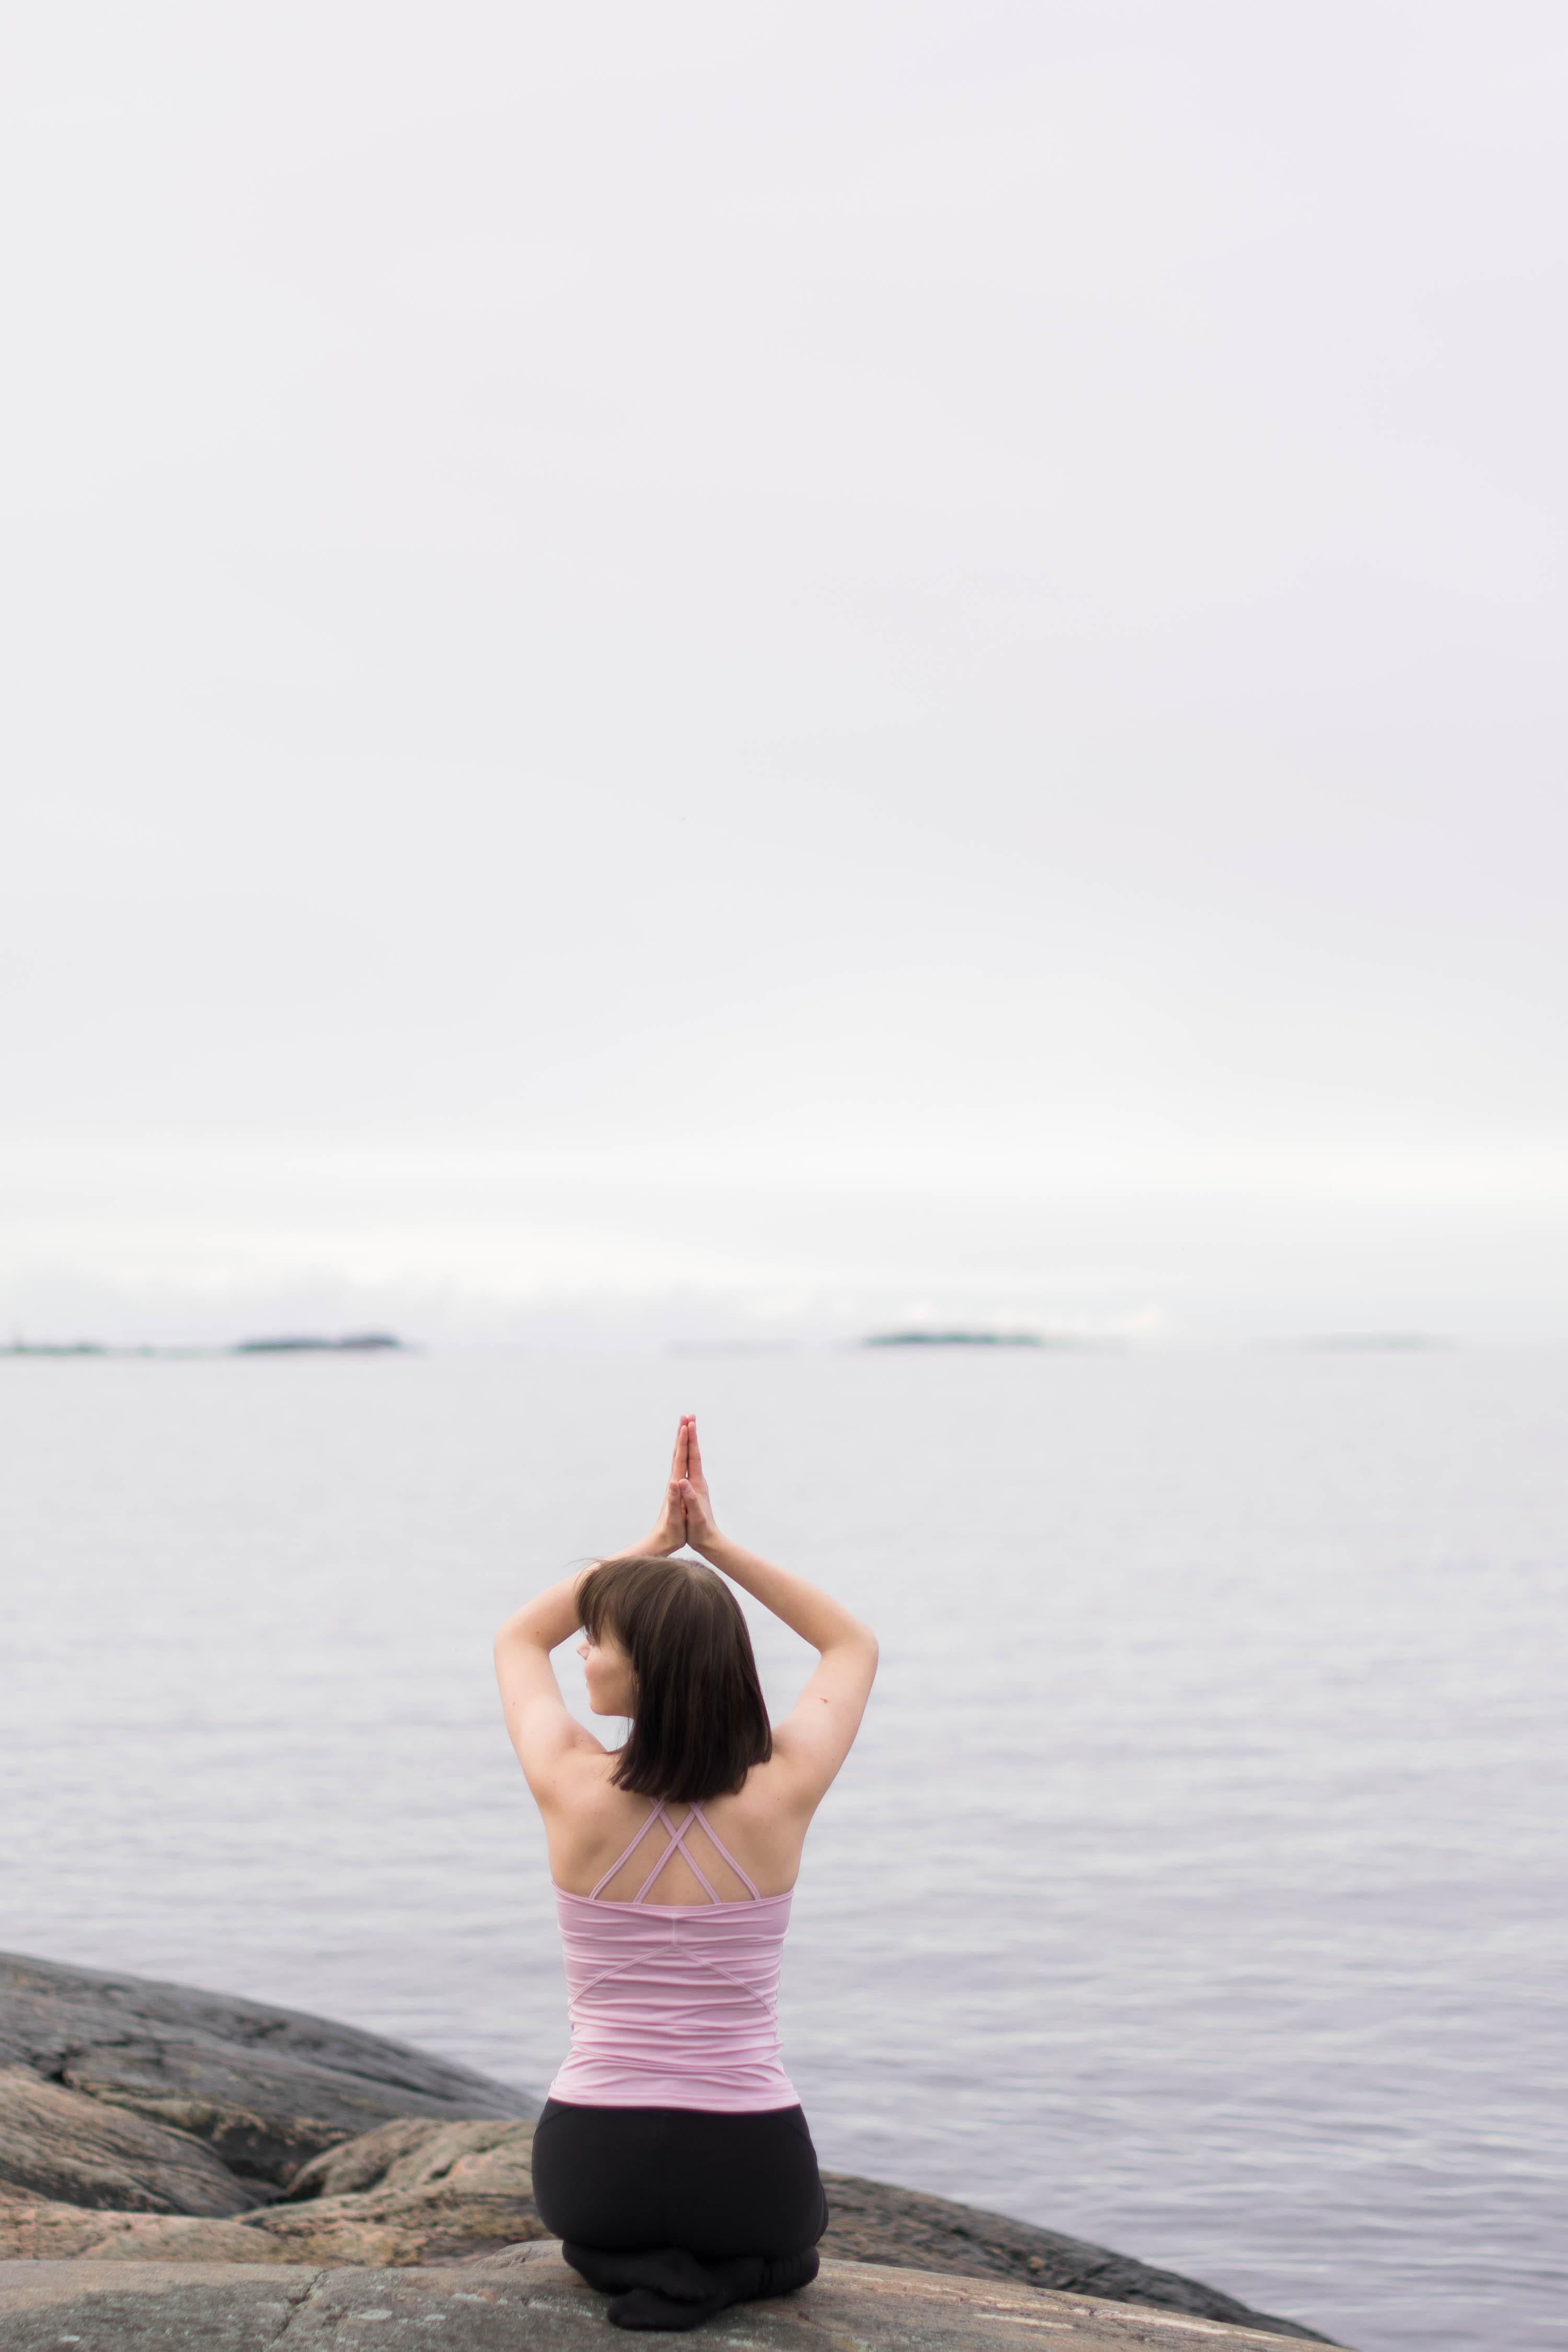 Joogan avulla rauhallisempi ja kiitollisempi mieli